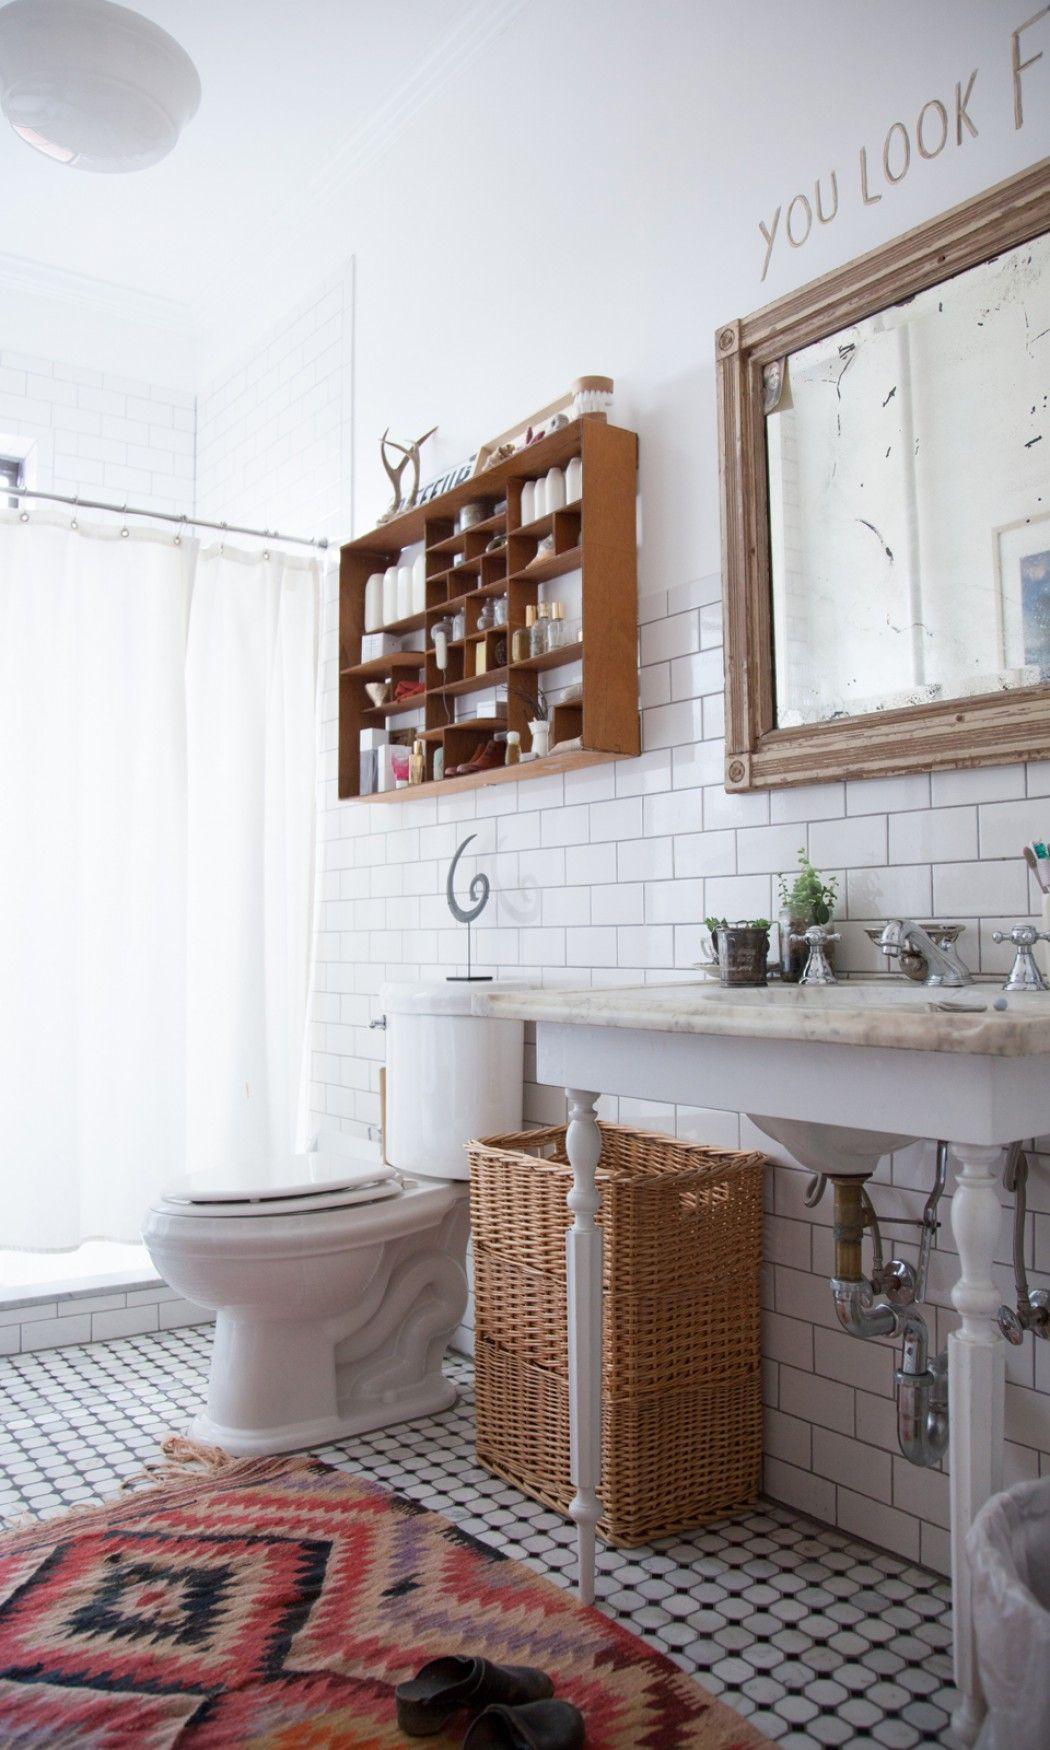 Gợi ý 10 cách thiết kế spa tại nhà giúp nâng tầm không gian phòng tắm - Ảnh 6.